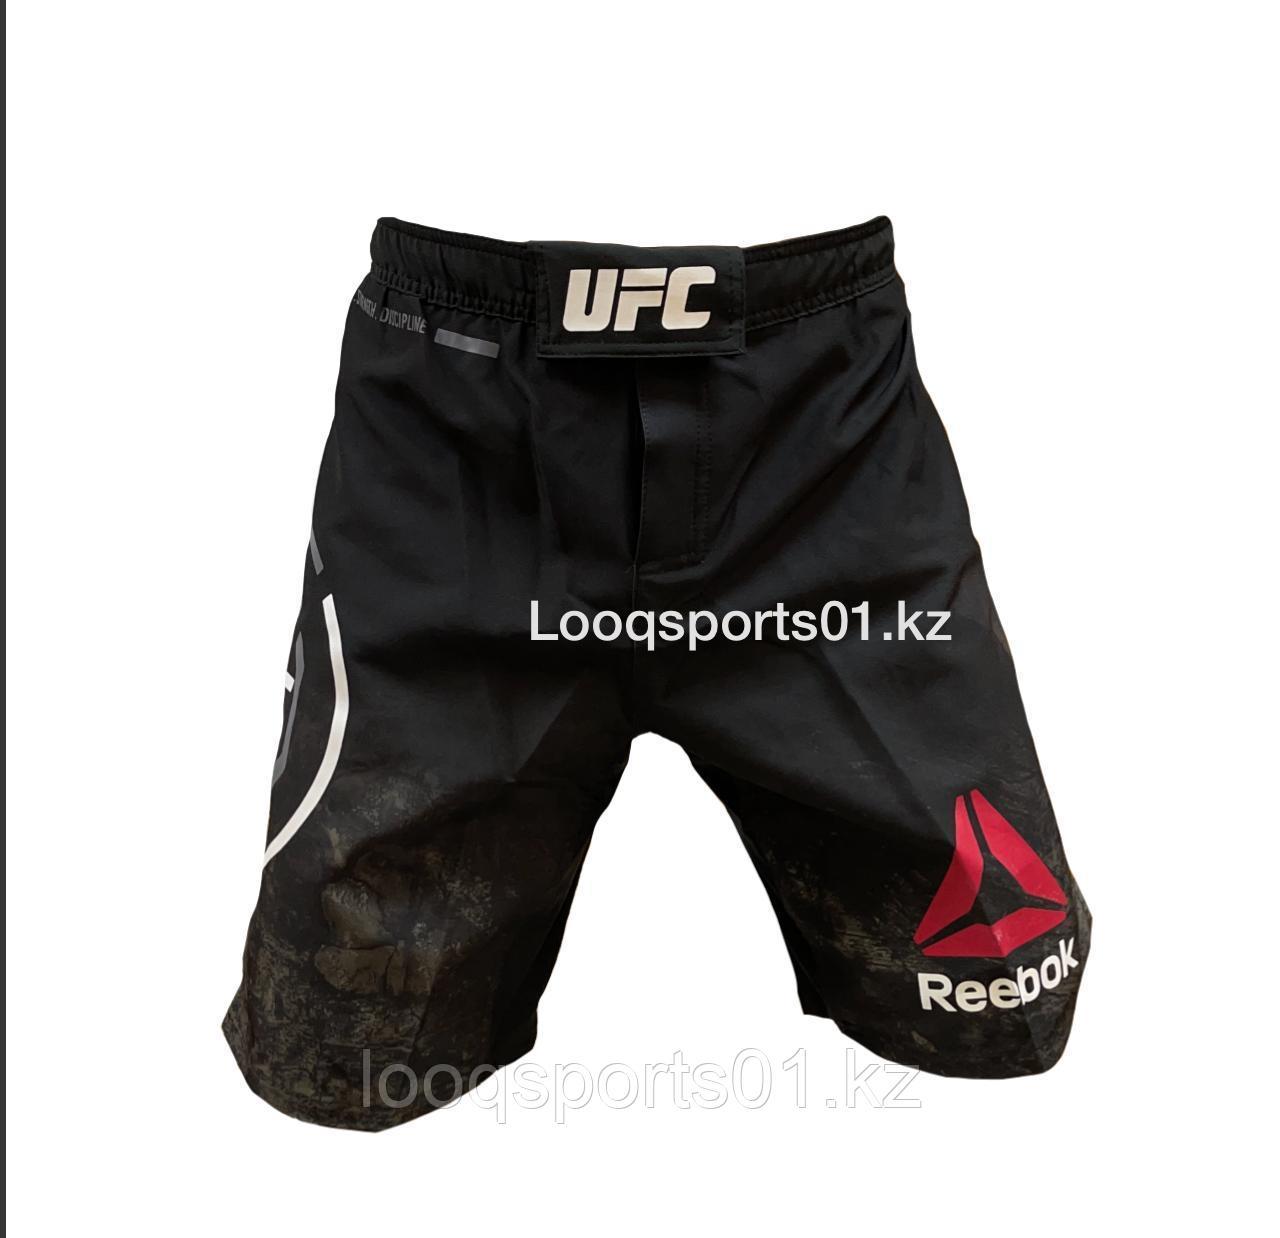 Спортивные шорты для мма (UFC Reebok)